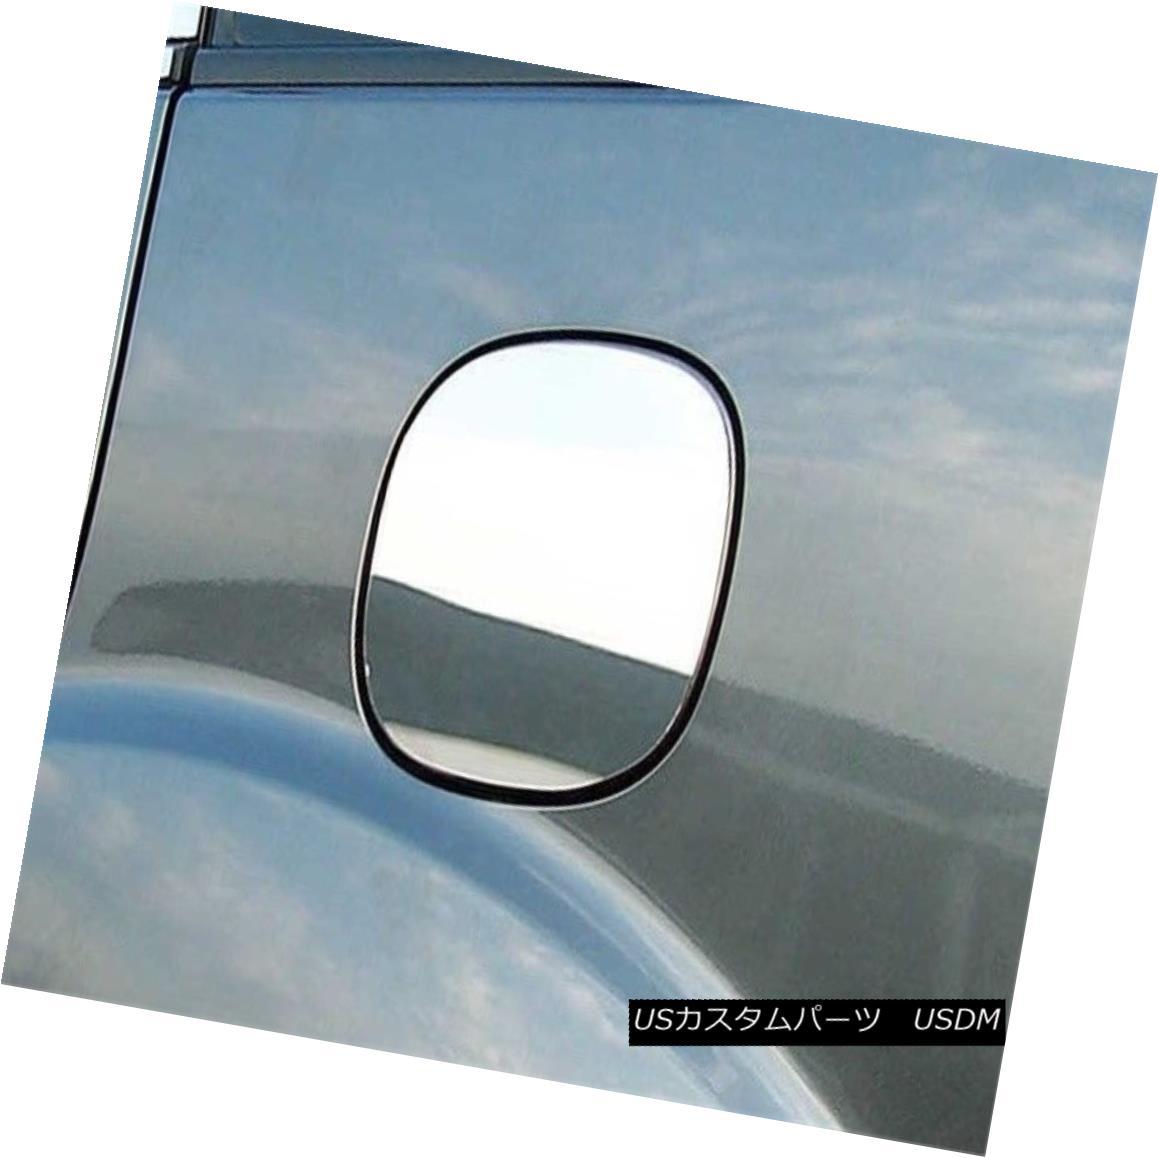 グリル Fits 2007-2009 MITSUBISHI OUTLANDER 4-door, SUV -Stainless Steel GAS CAP DOOR 2007?2009年に適合三菱アウトランダー4ドア、SUV - ステンレススチールガスCAP DOOR